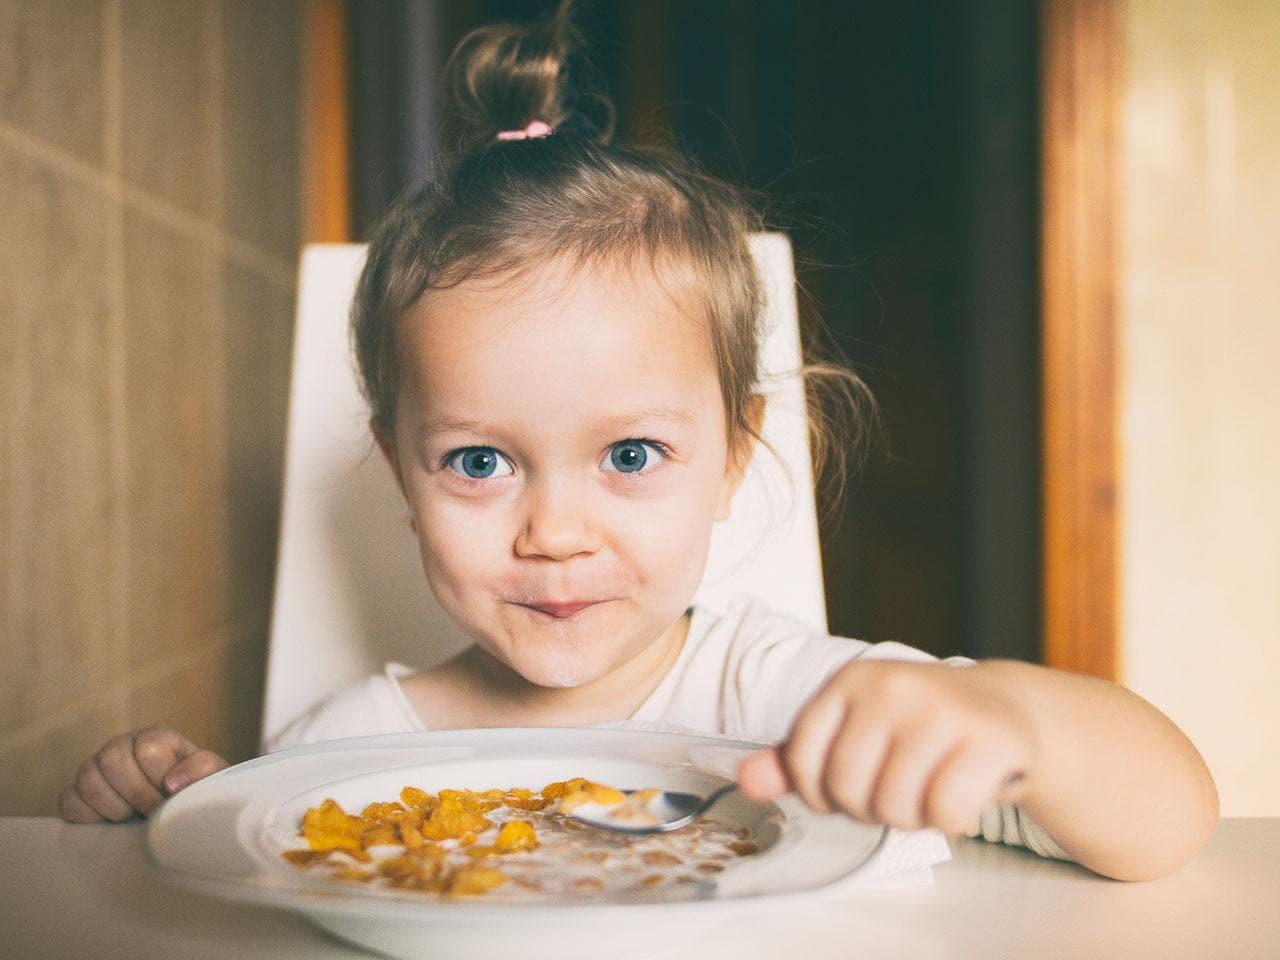 Trẻ có thể nhận được rất nhiều canxi khi ăn ngũ cốc